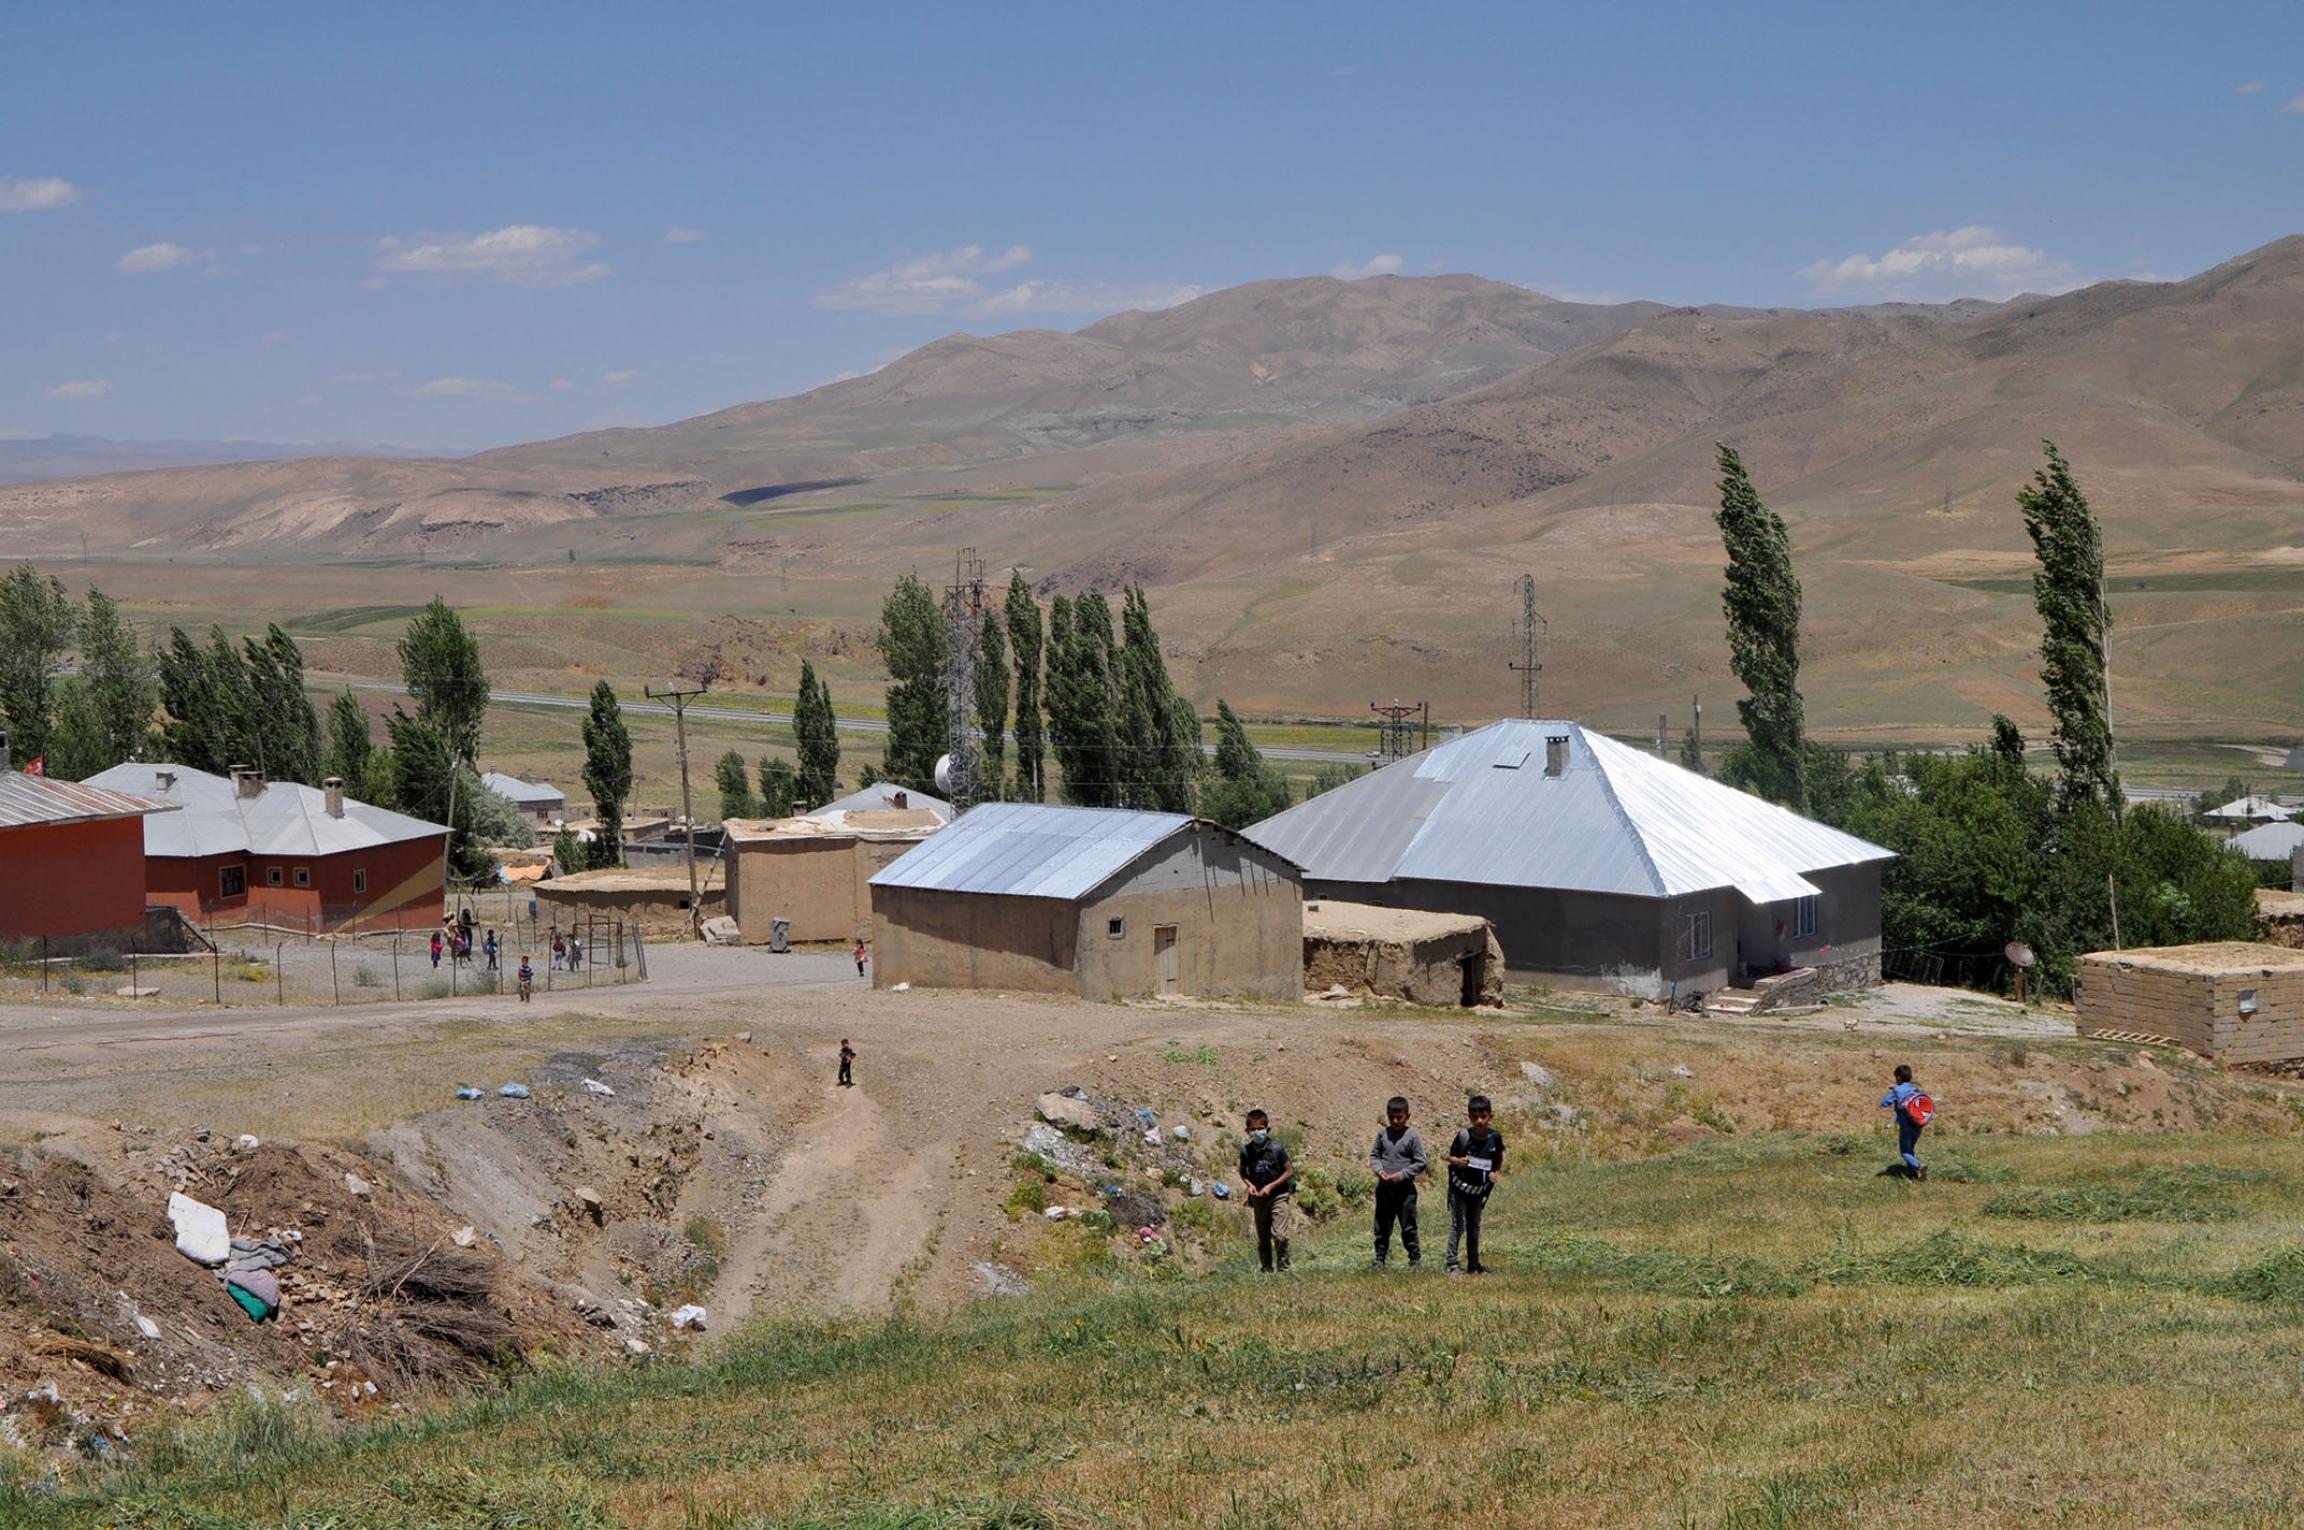 Children leave school in the village of Ömerova in Turkey